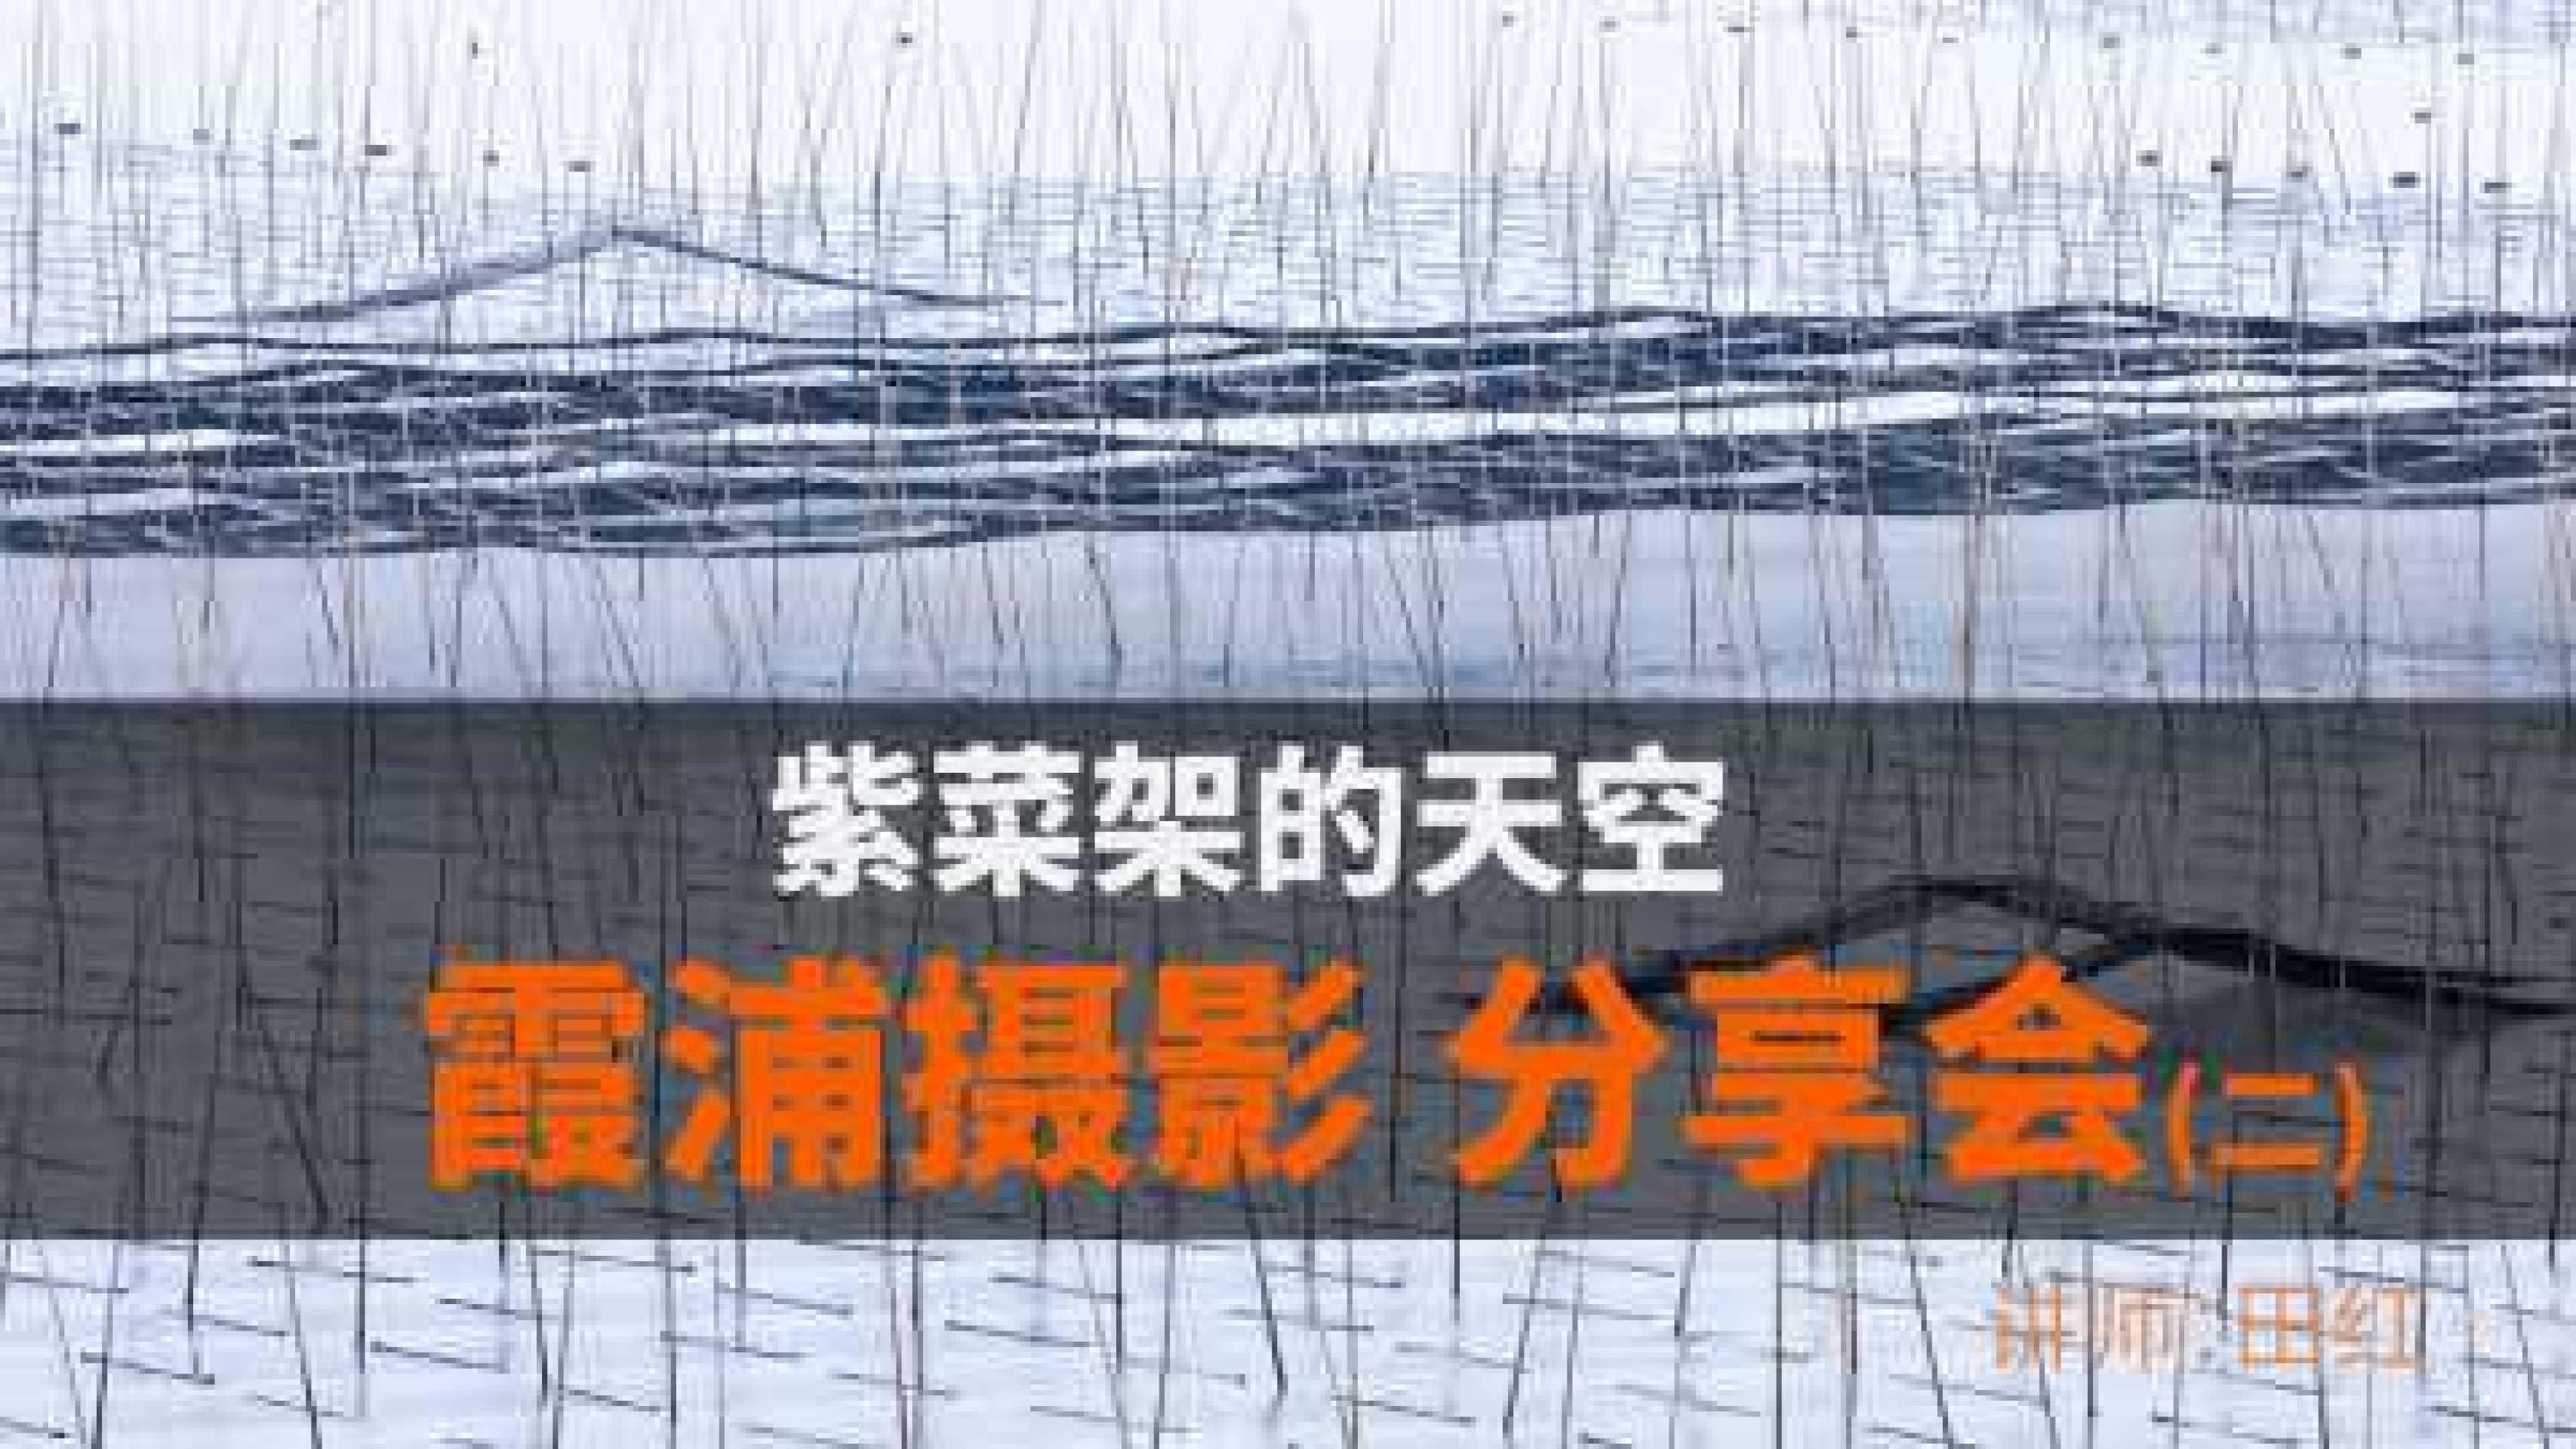 霞浦摄影分享会(二)